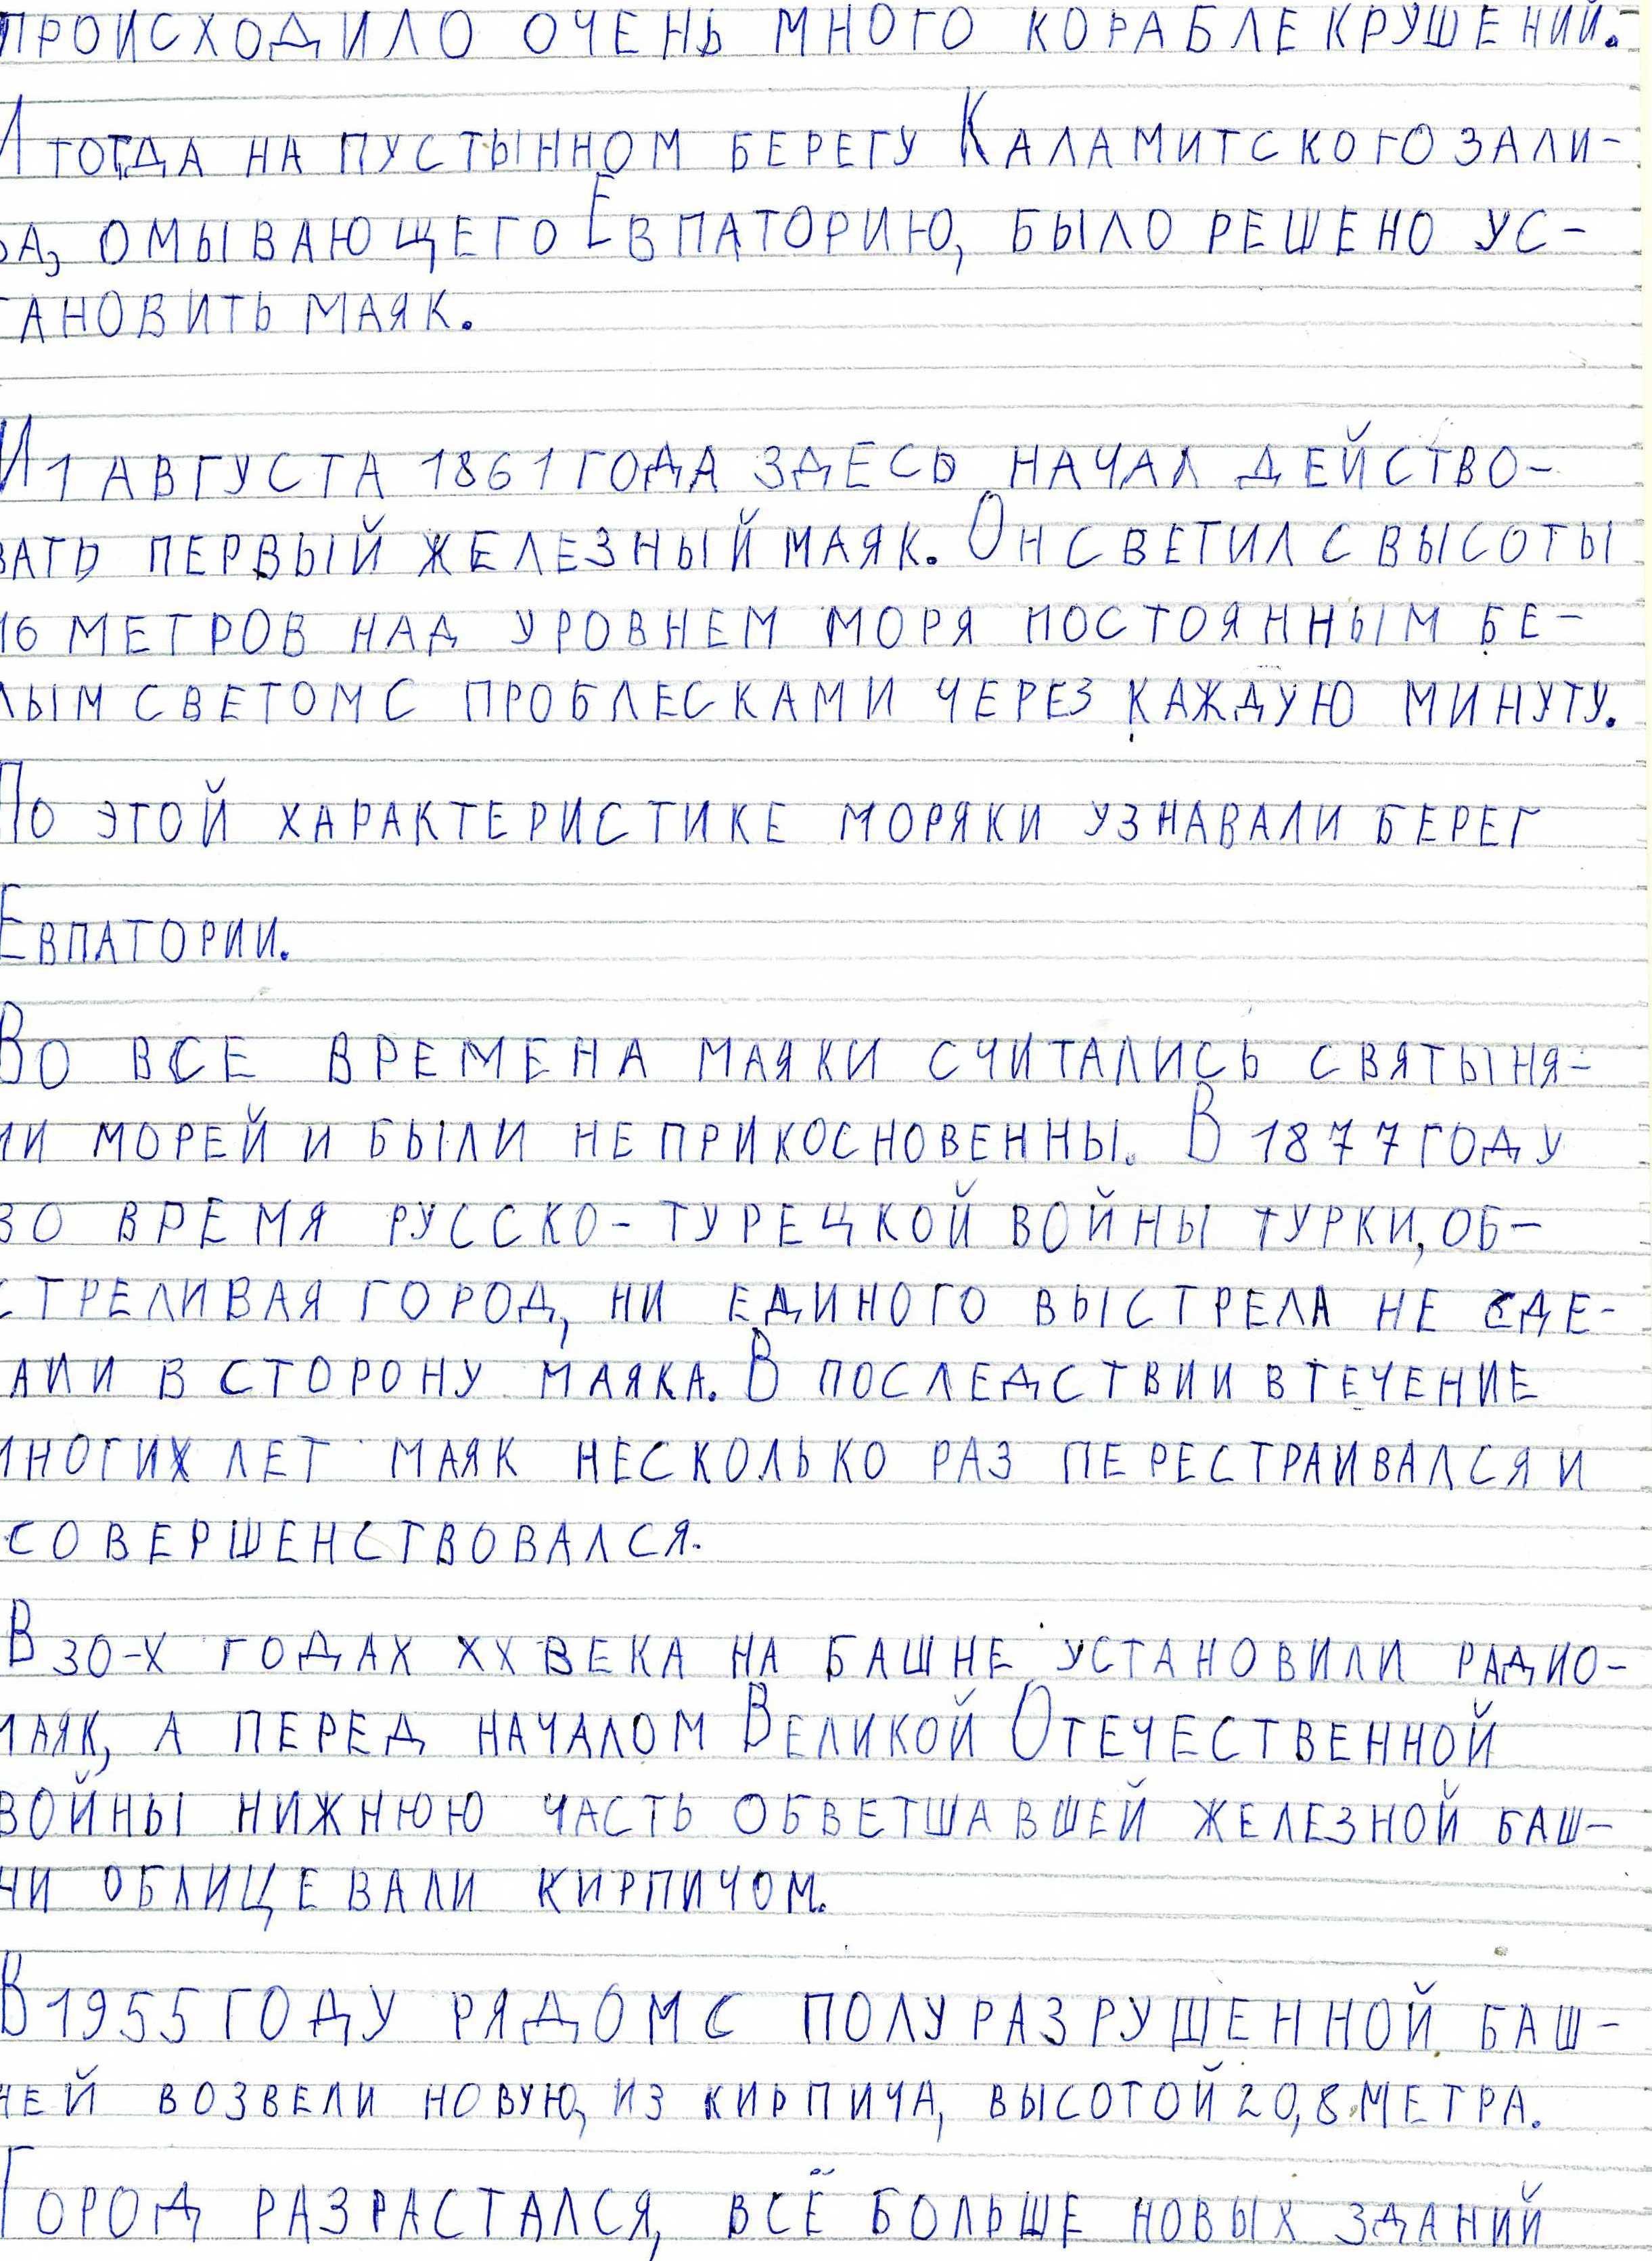 C:\Documents and Settings\Администратор\Мои документы\Мои рисунки\img023.jpg